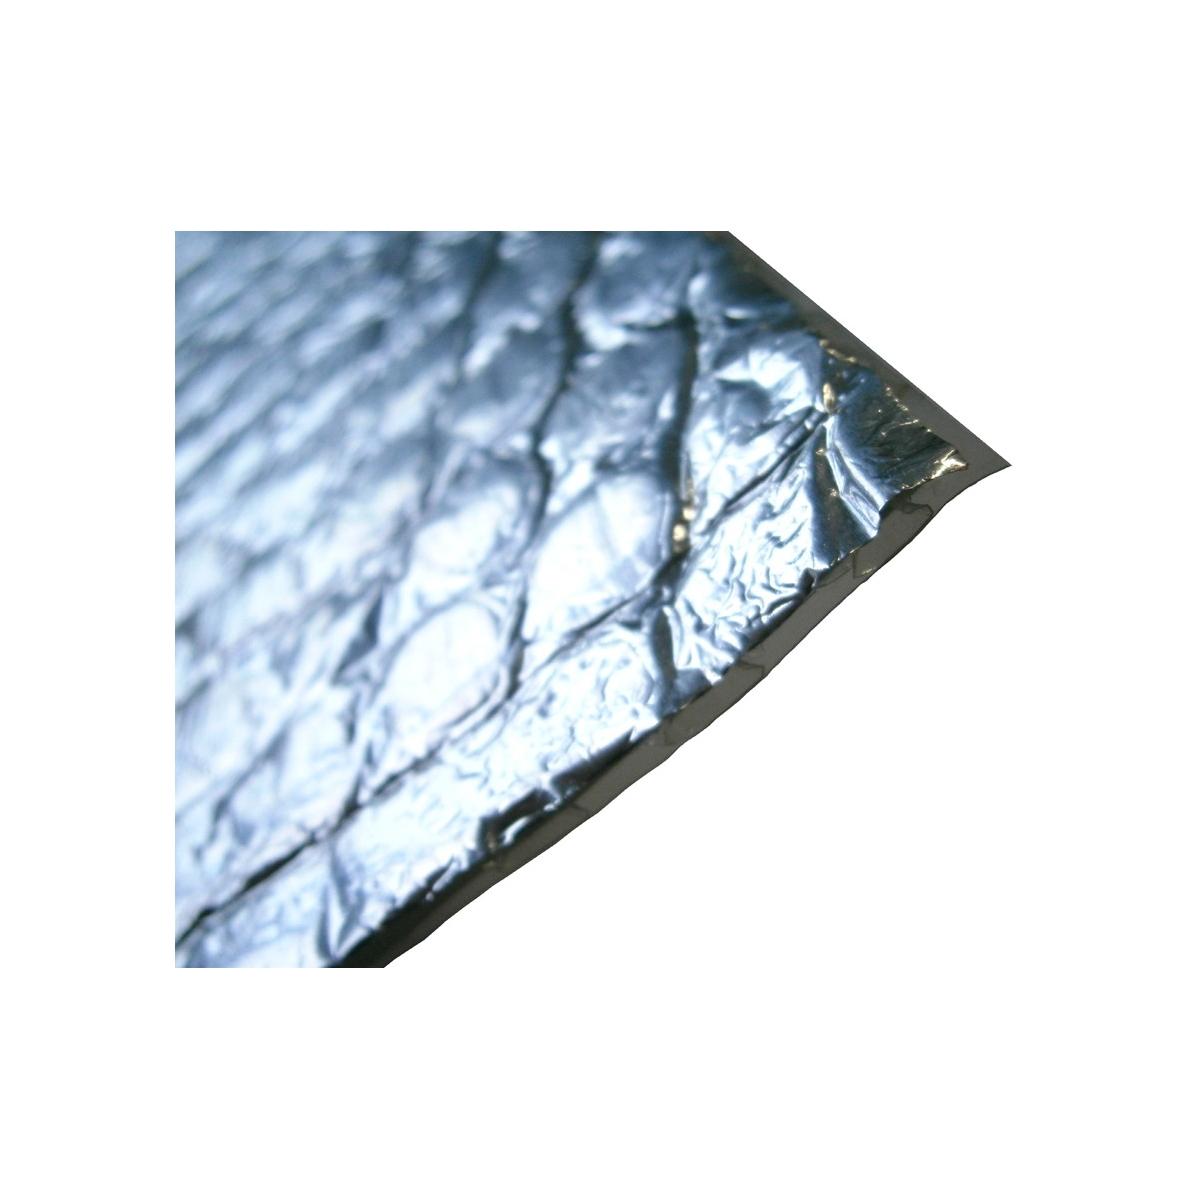 Air Bur Termic-S (m2) - Aislamiento térmico reflectivo - Marca Air Bur 2000